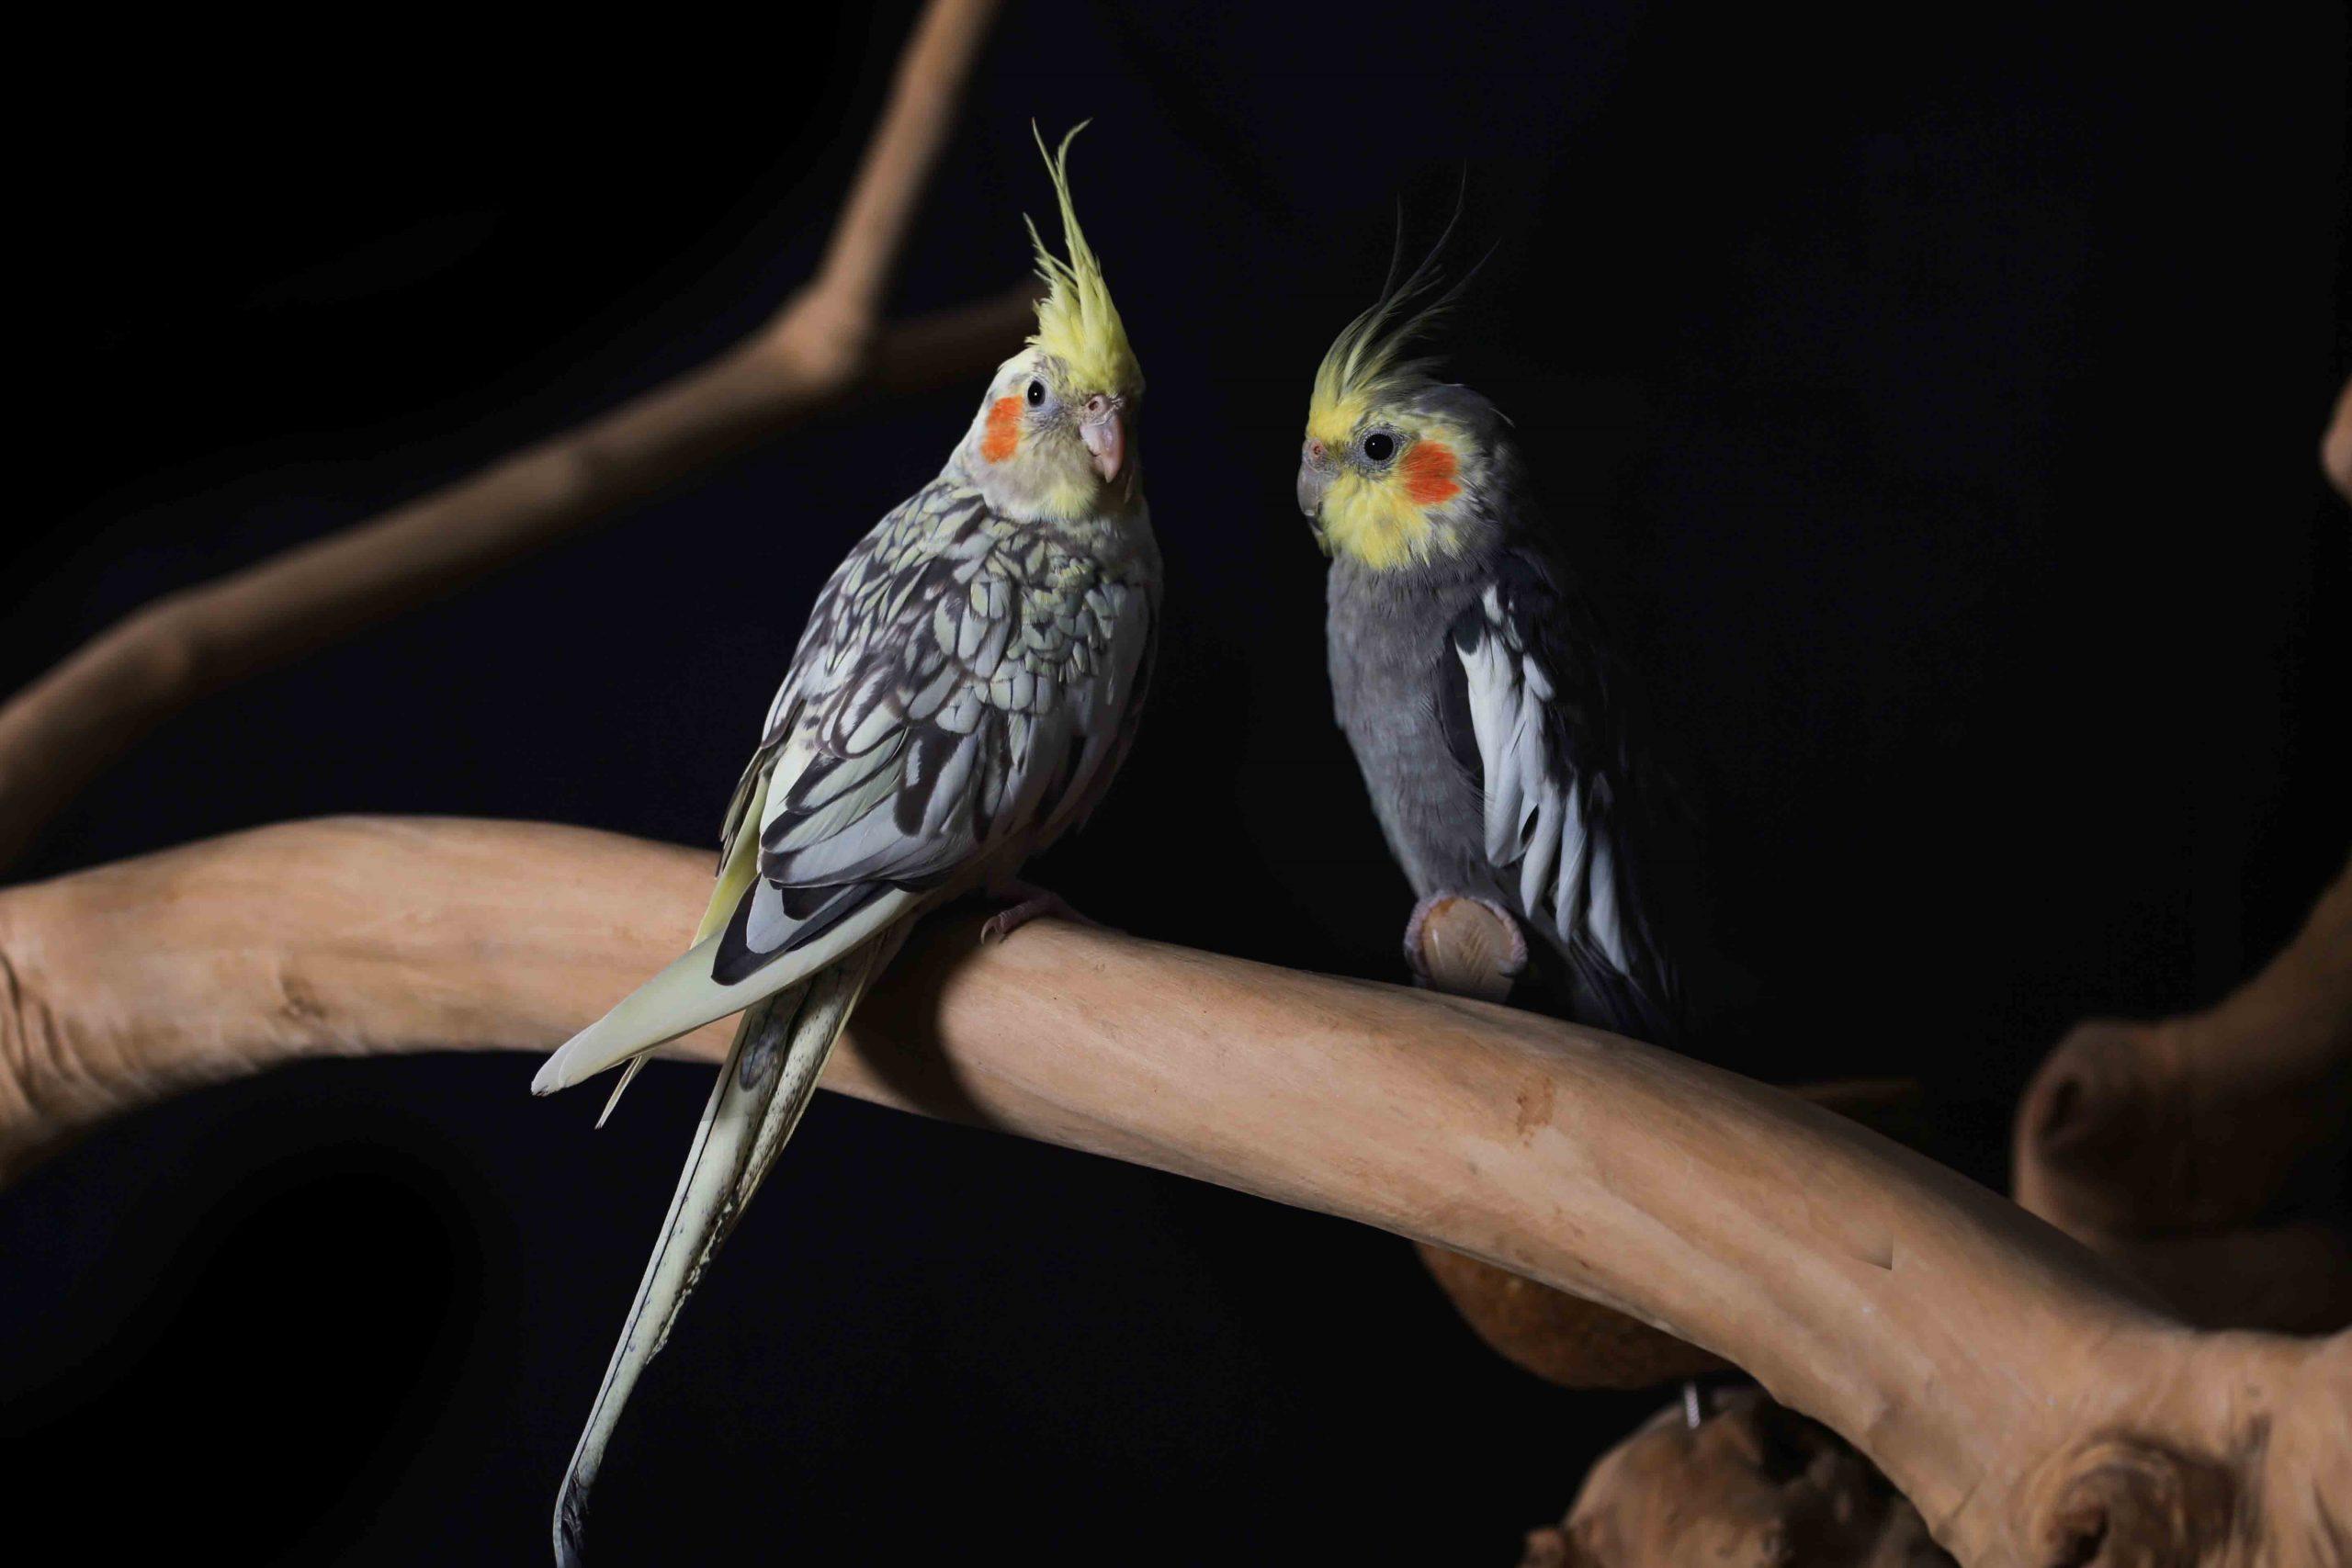 Yankee et Yuka les perruches calopsittes